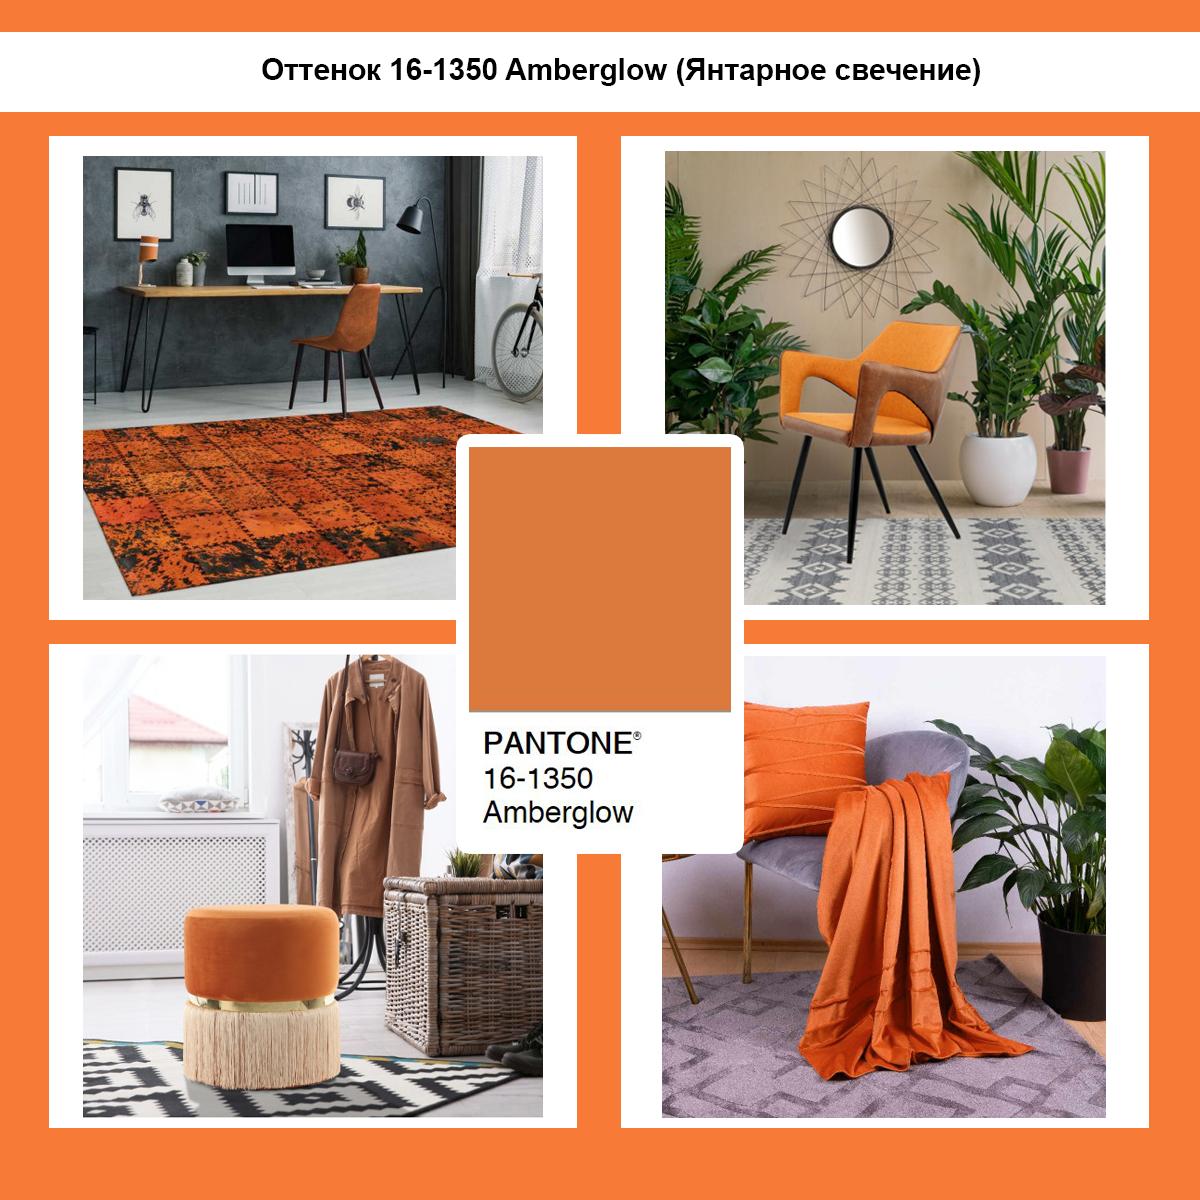 16-1350 Amberglow